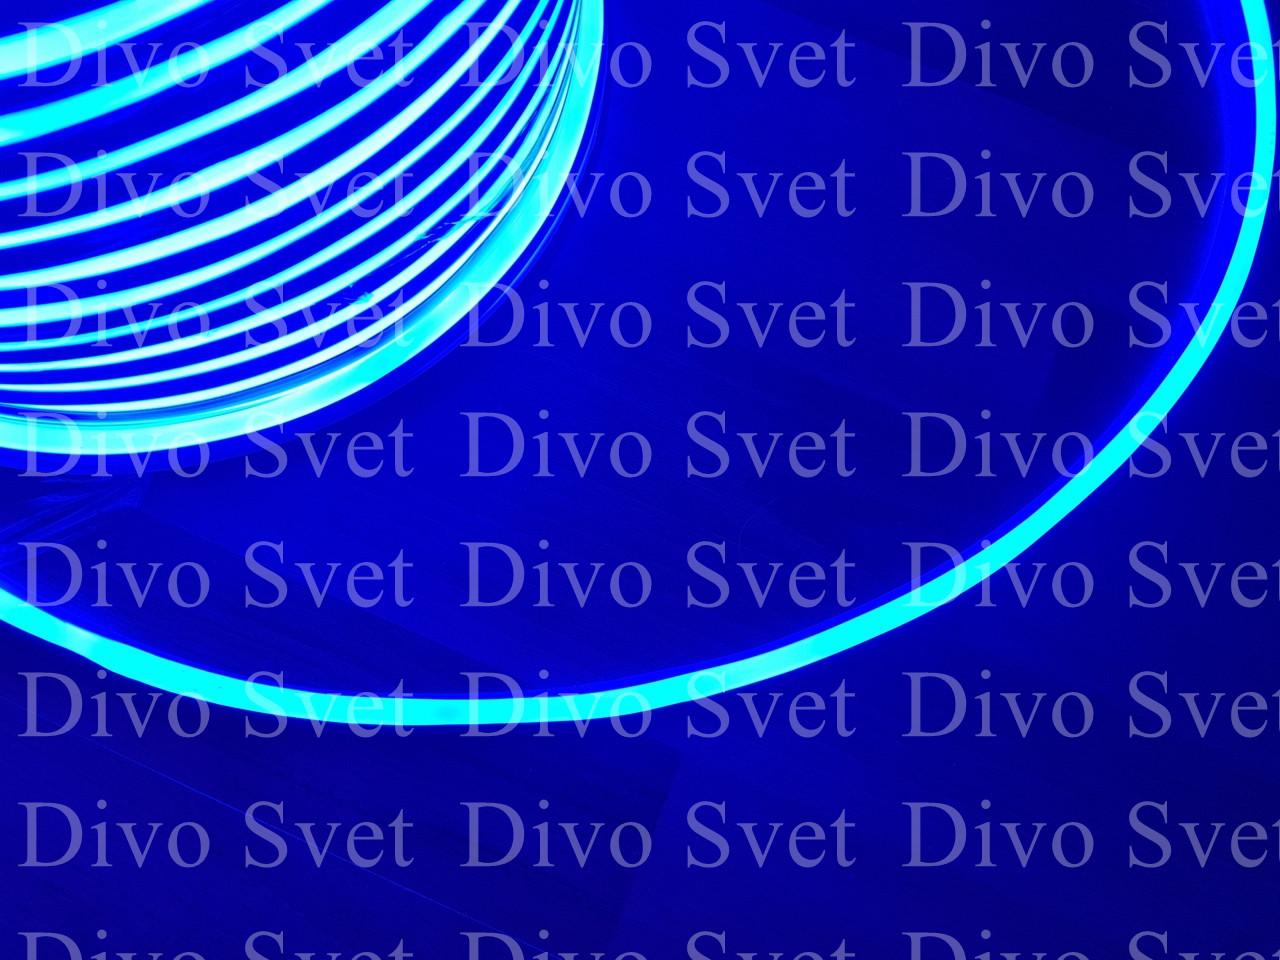 Флекс неон 8*16мм цвет Синий, Розовый SMD (3 ВАРИАНТА). Led Flex neon, светодиодный неон, неоновая лента.